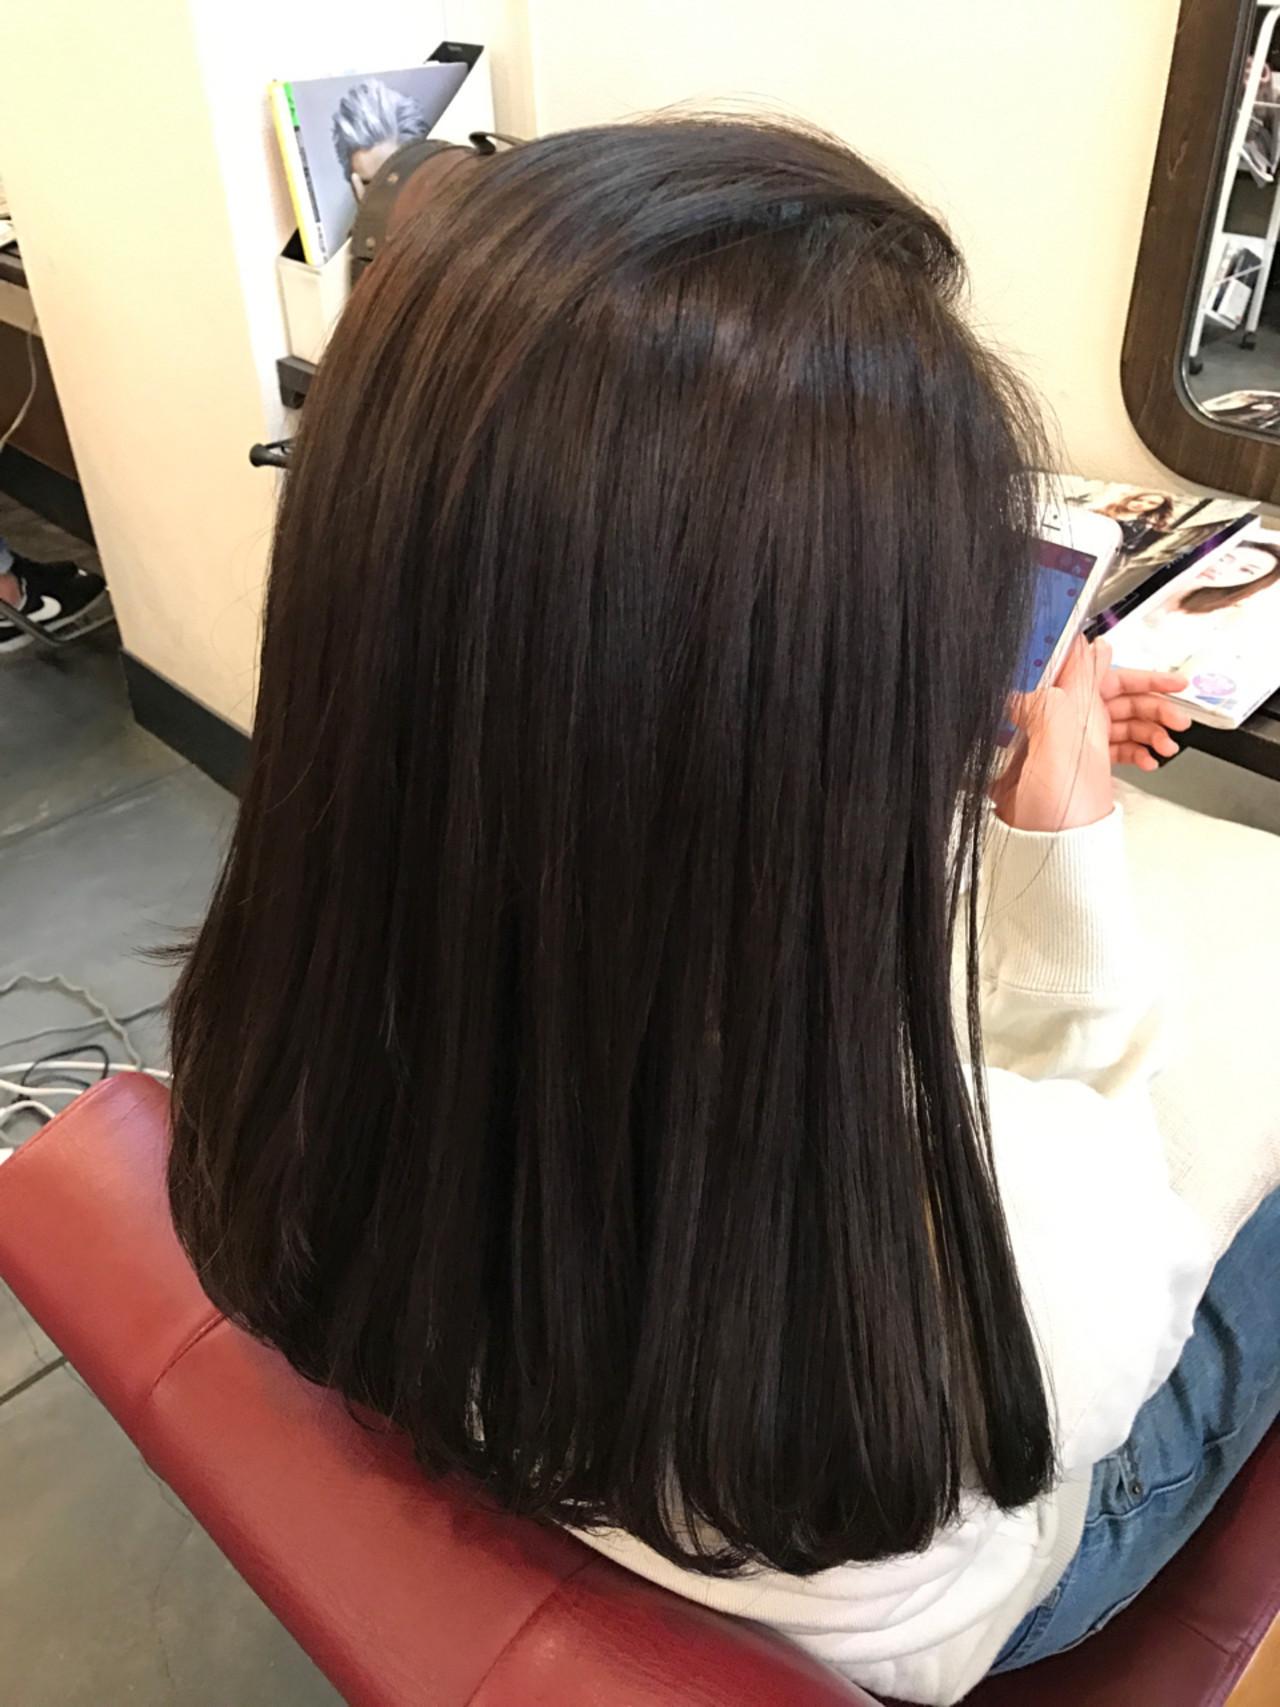 髪色の種類が多くて迷っちゃう!押さえておきたい髪色のポイントって? 井上瑛絵 | vicushair